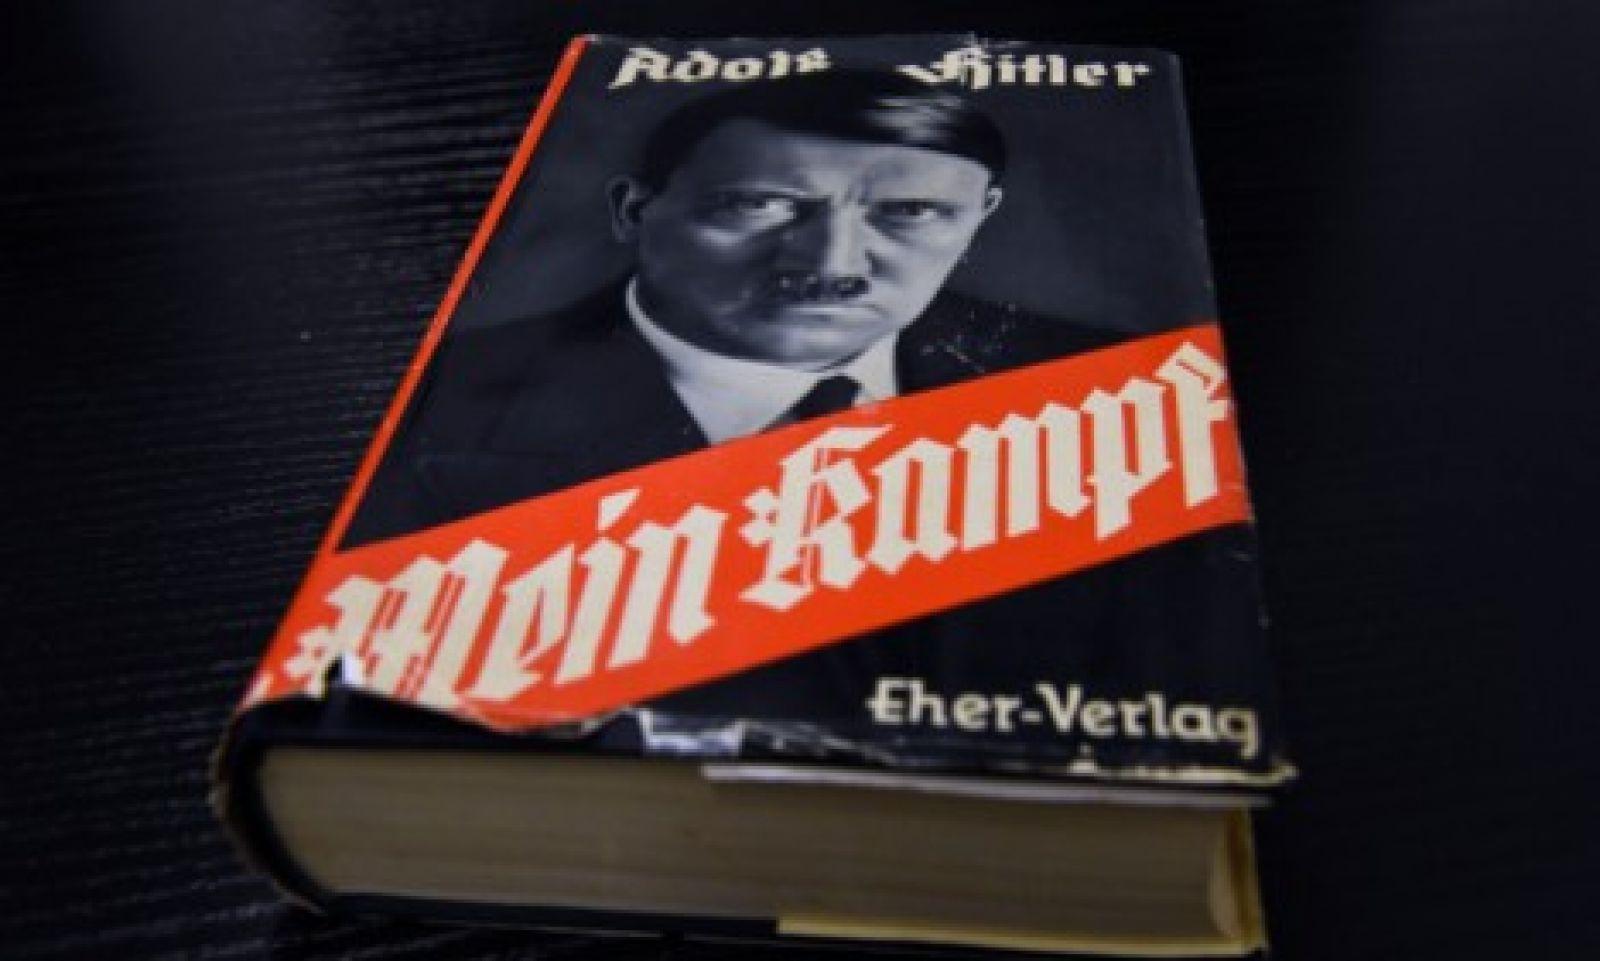 В Германии впервые поставили мюзикл по книге «Майн Кампф» Гитлера